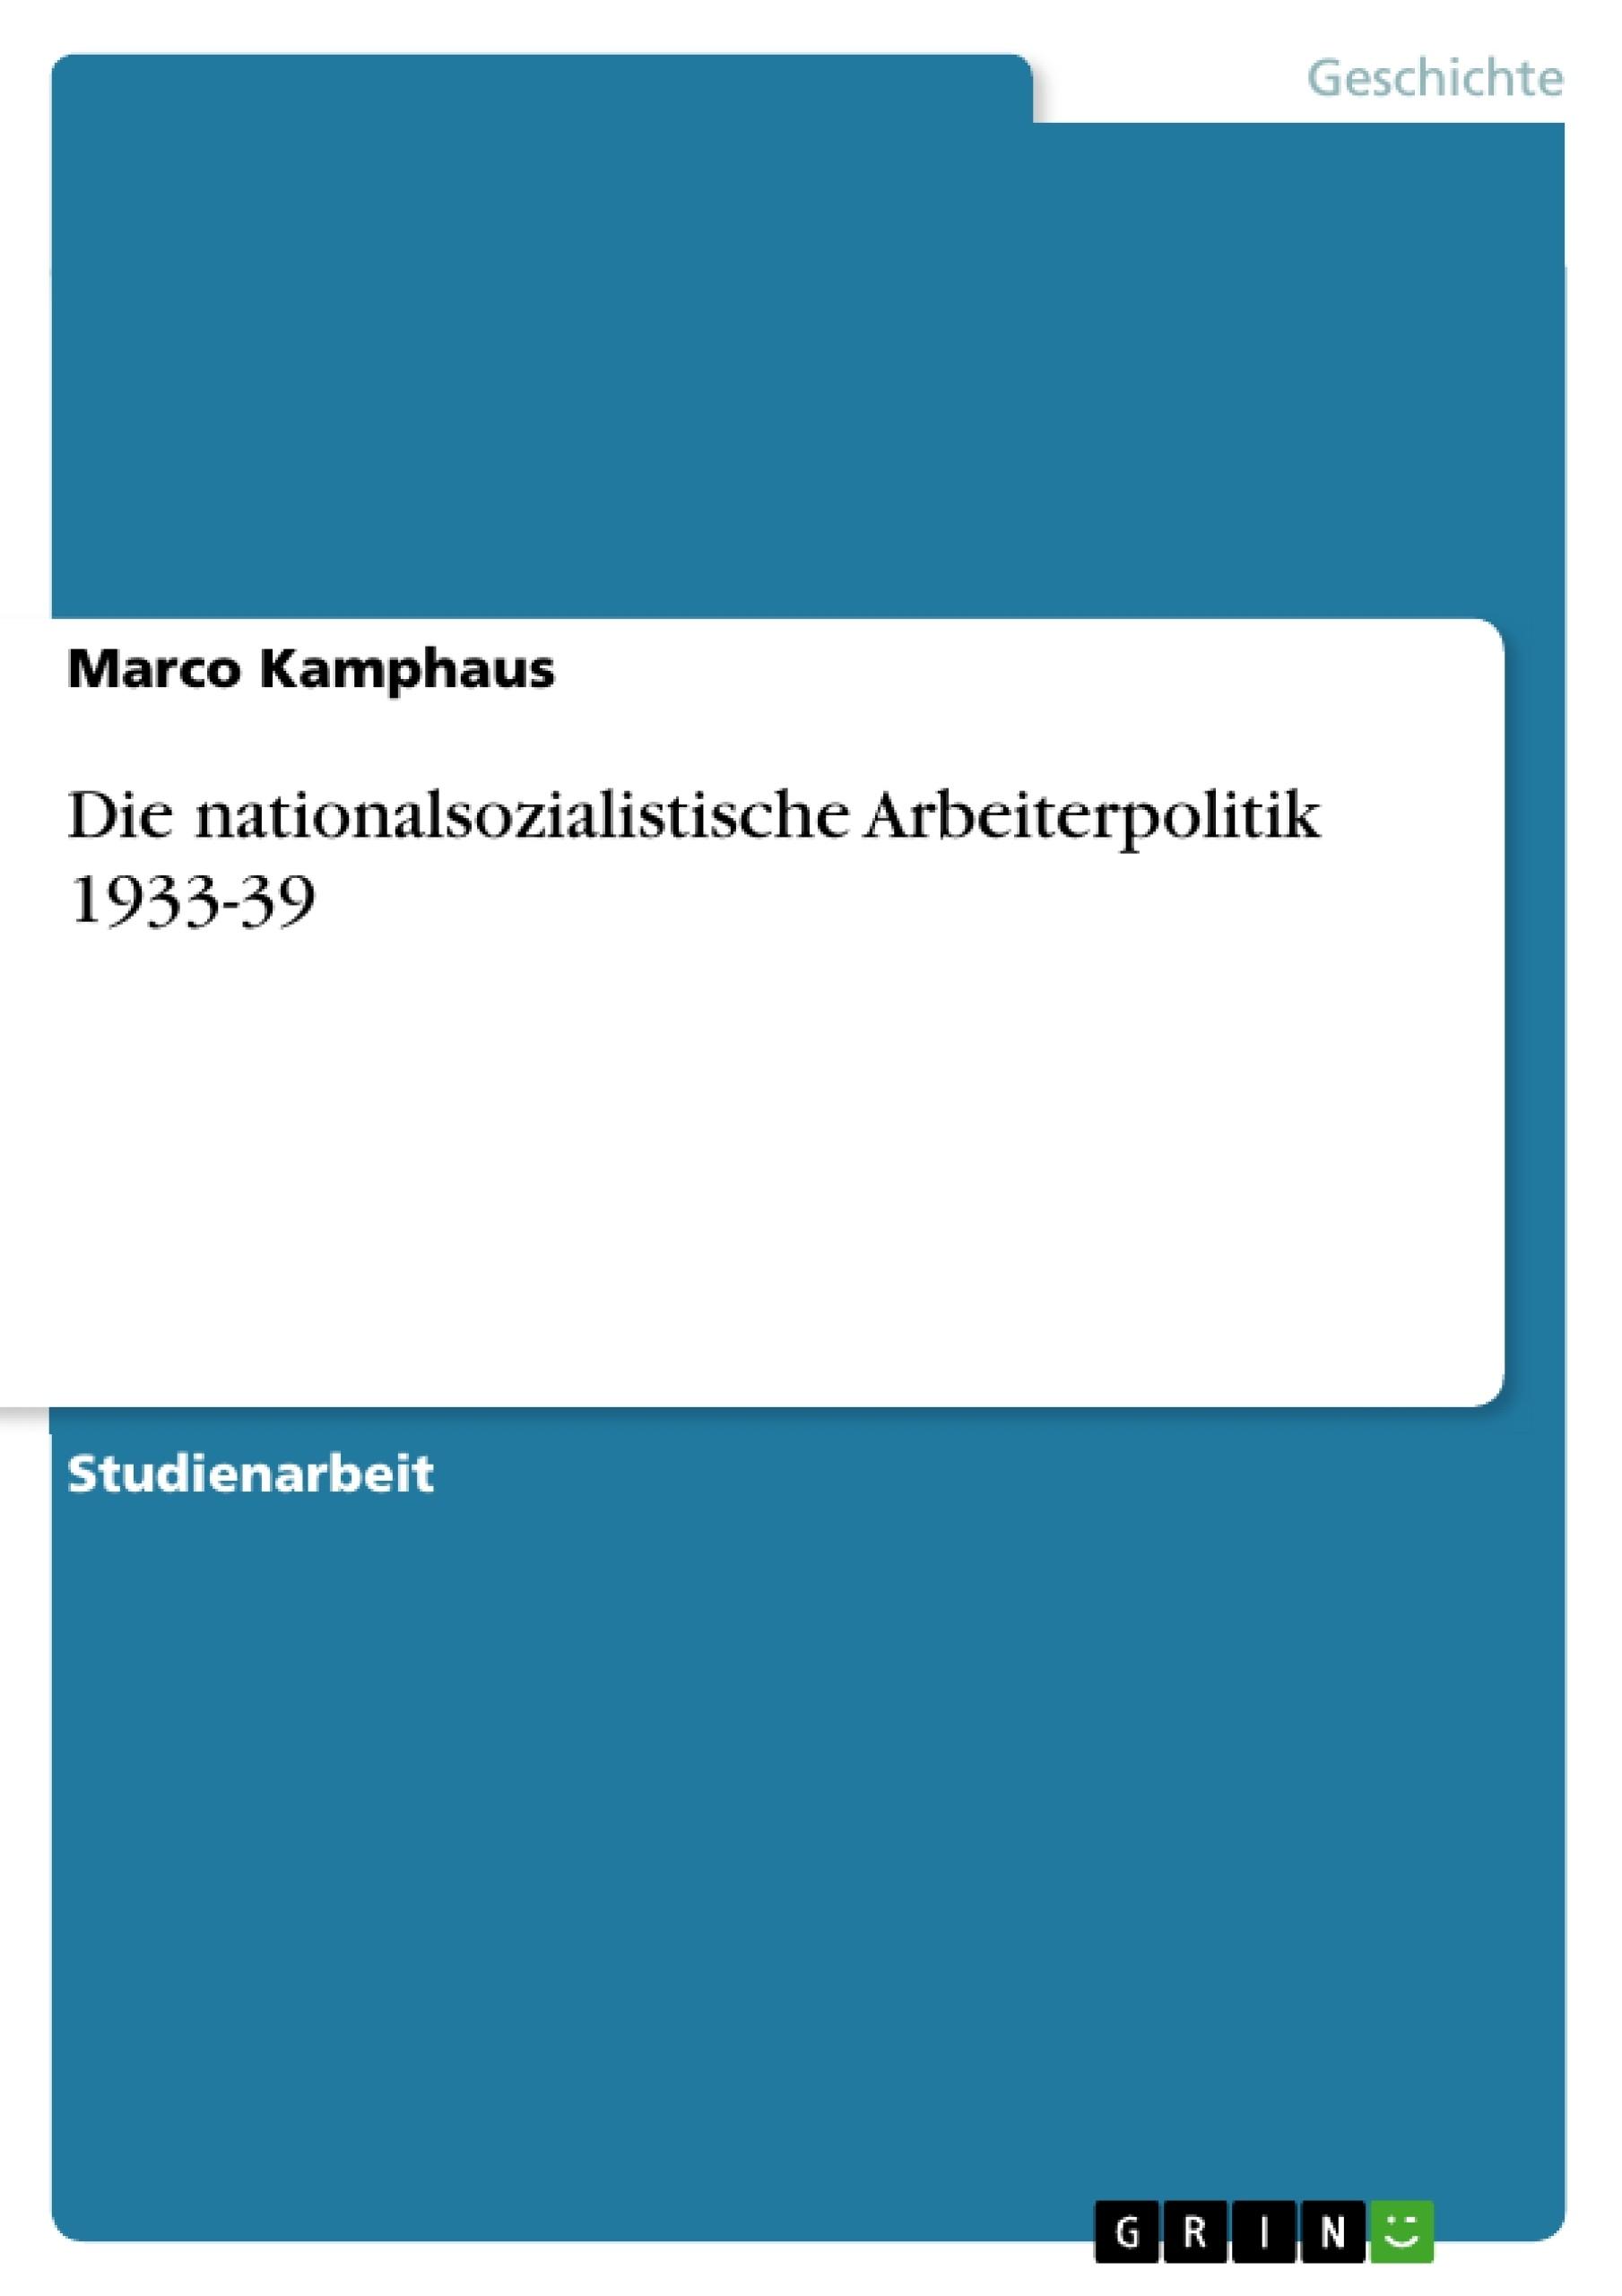 Titel: Die nationalsozialistische Arbeiterpolitik 1933-39